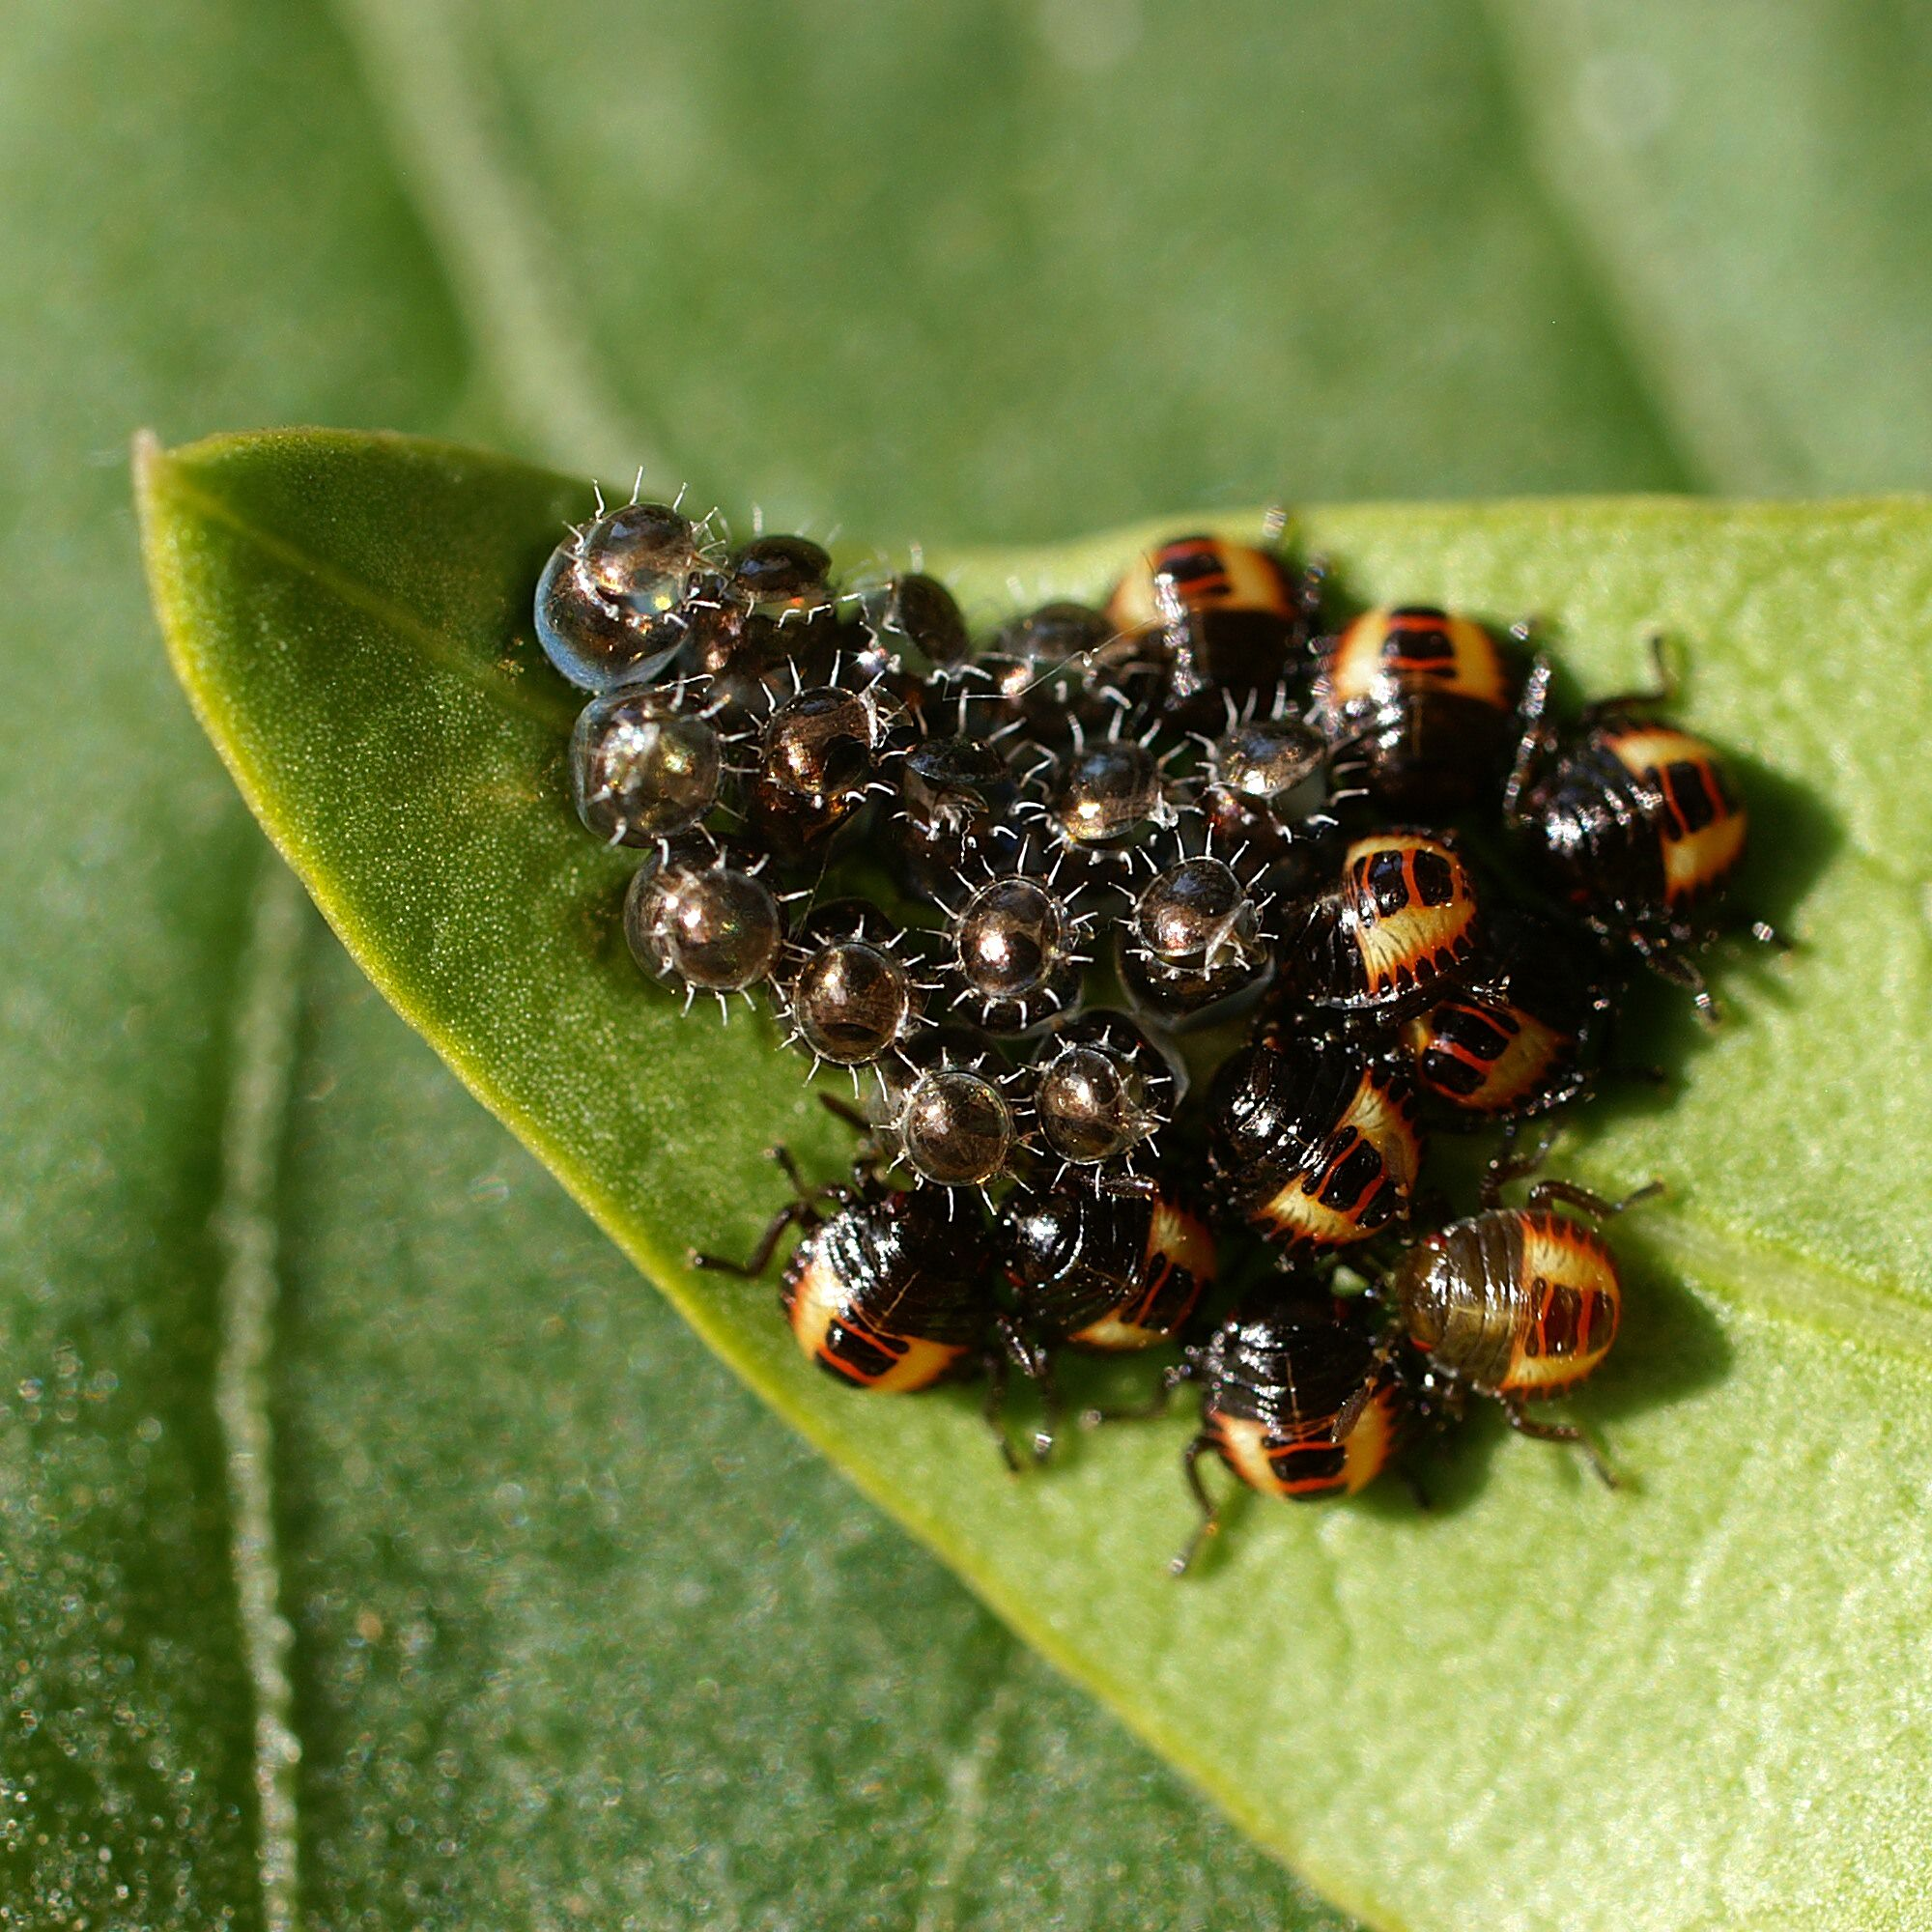 instar